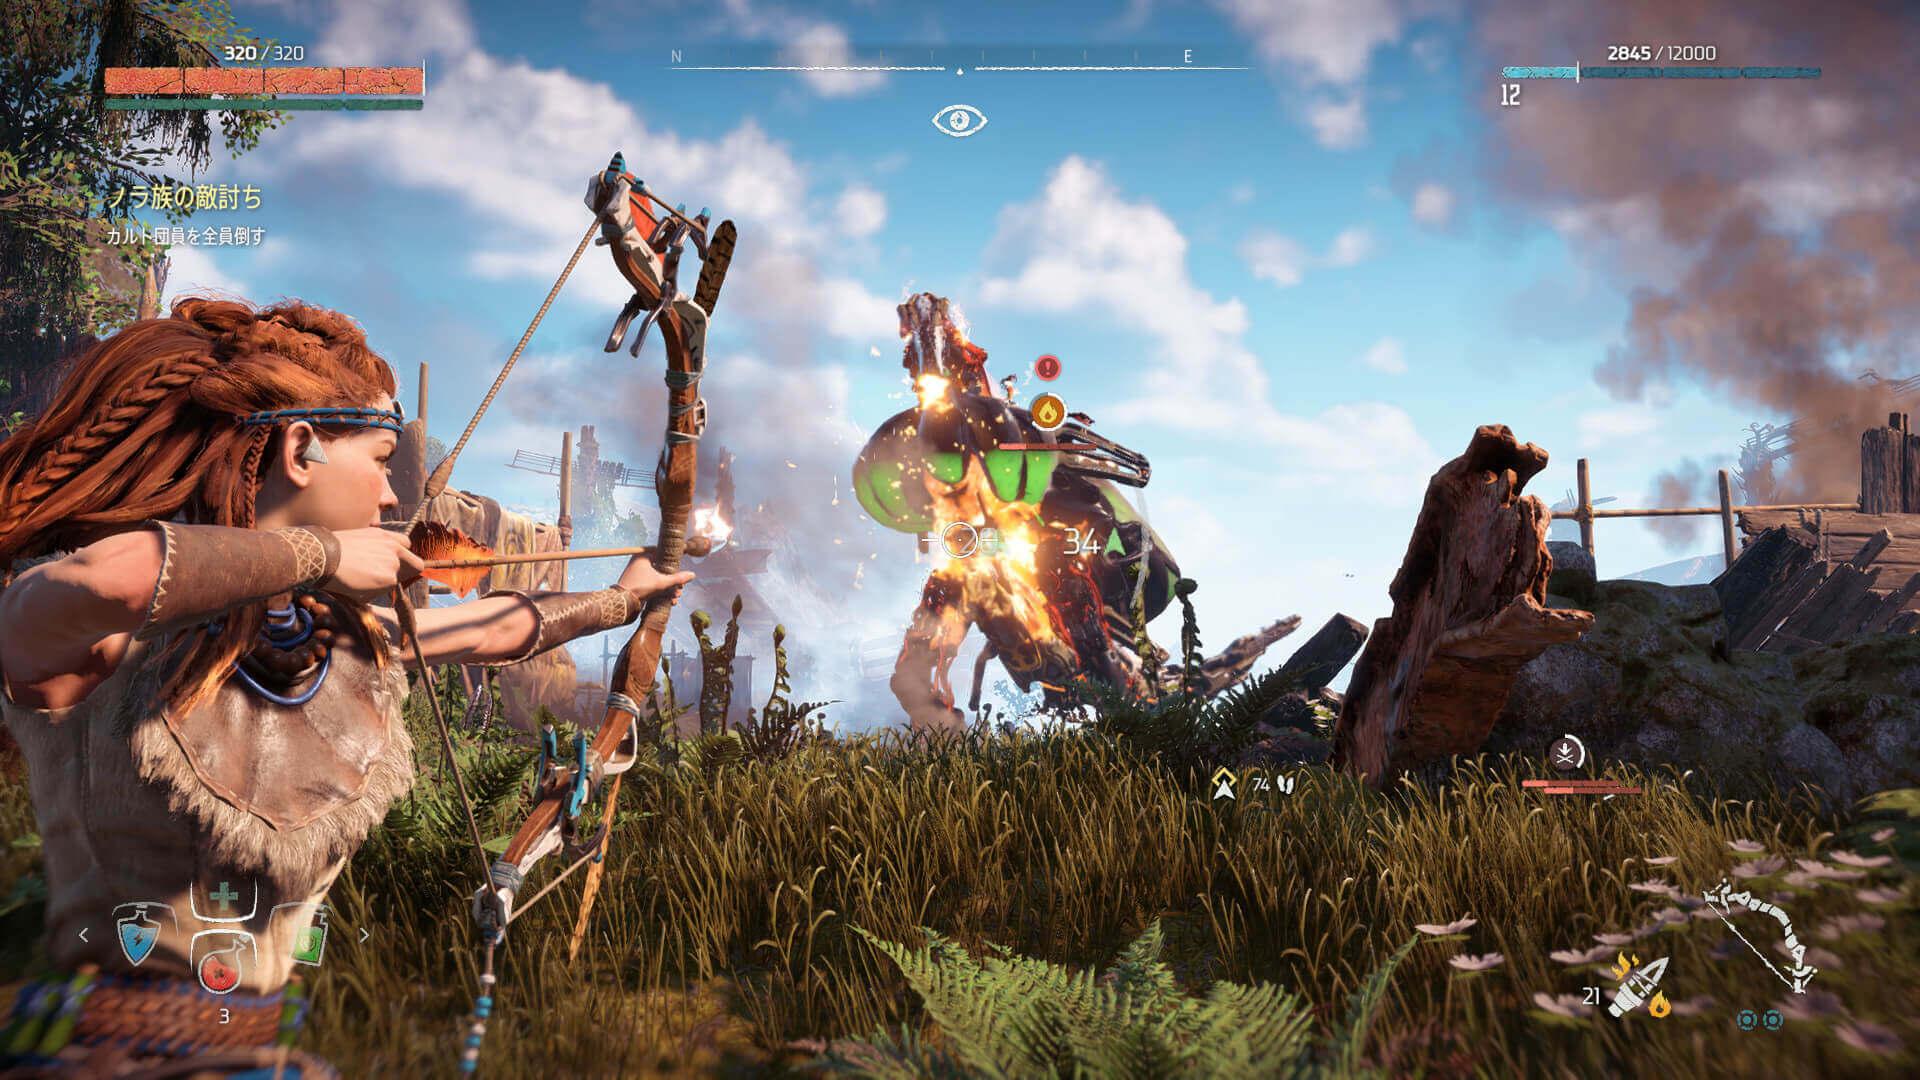 巨大な機械獣との戦闘は本作の見所。『Horizon Zero Dawn』より。